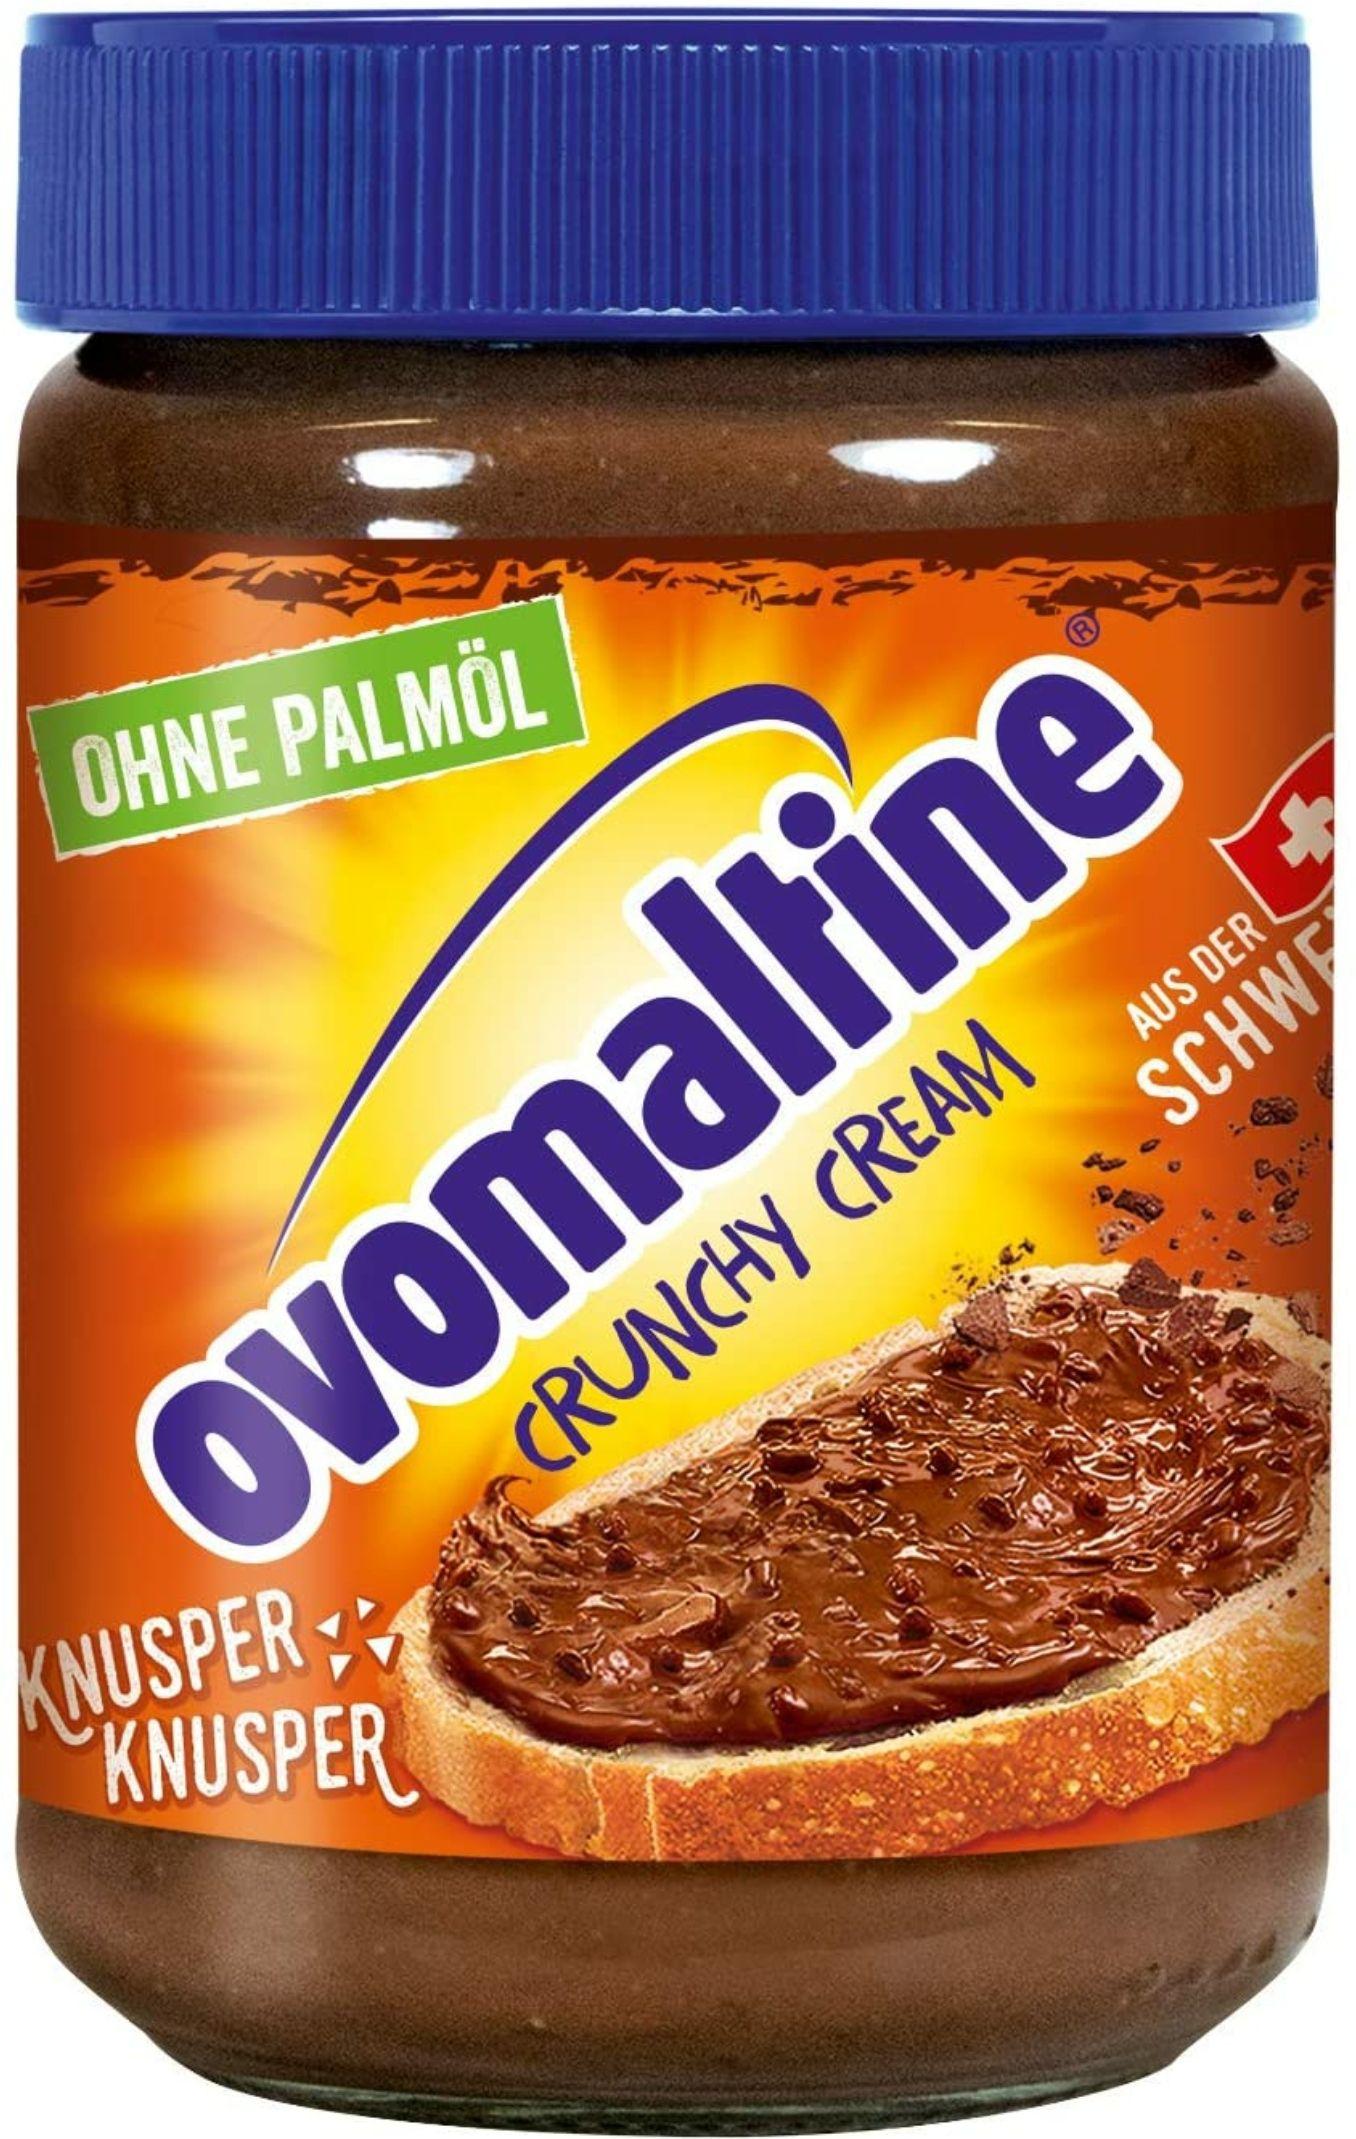 Ovomaltine Chrunchy Cream (ohne Palmöl) [Kaufland]